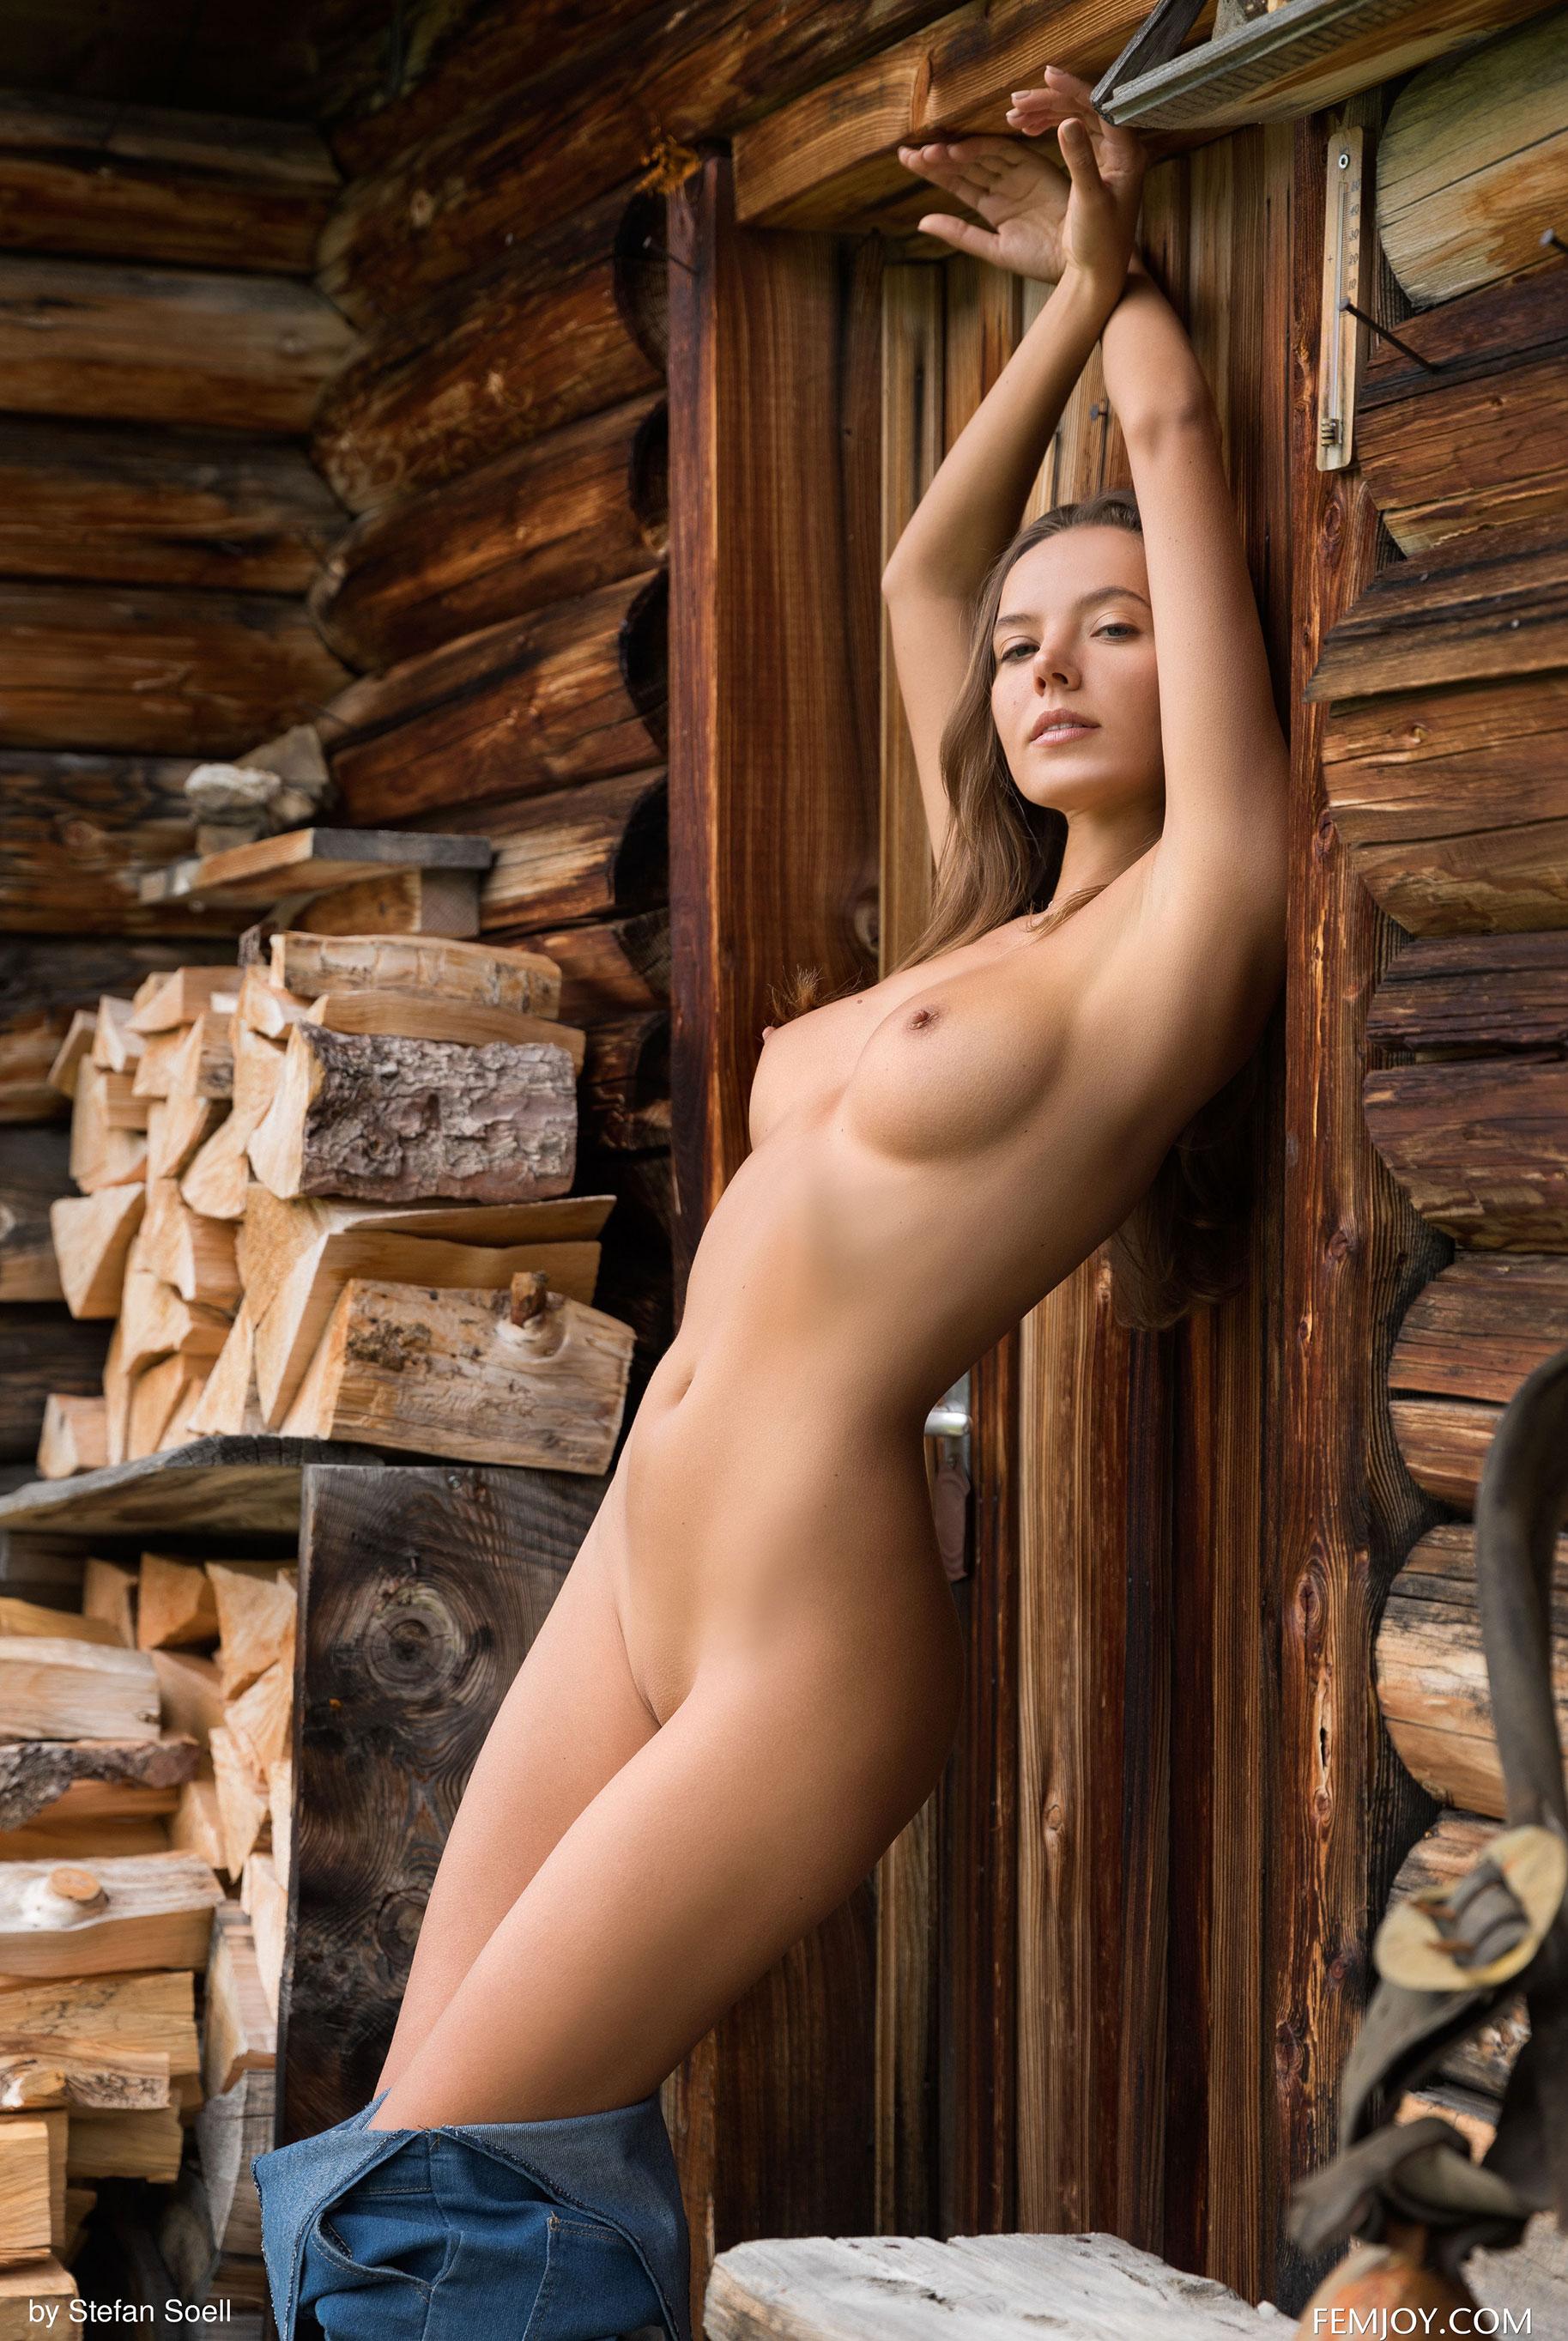 Сексуальная Катя - голая и одинокая в избушке на склоне Альпийских гор / фото 07